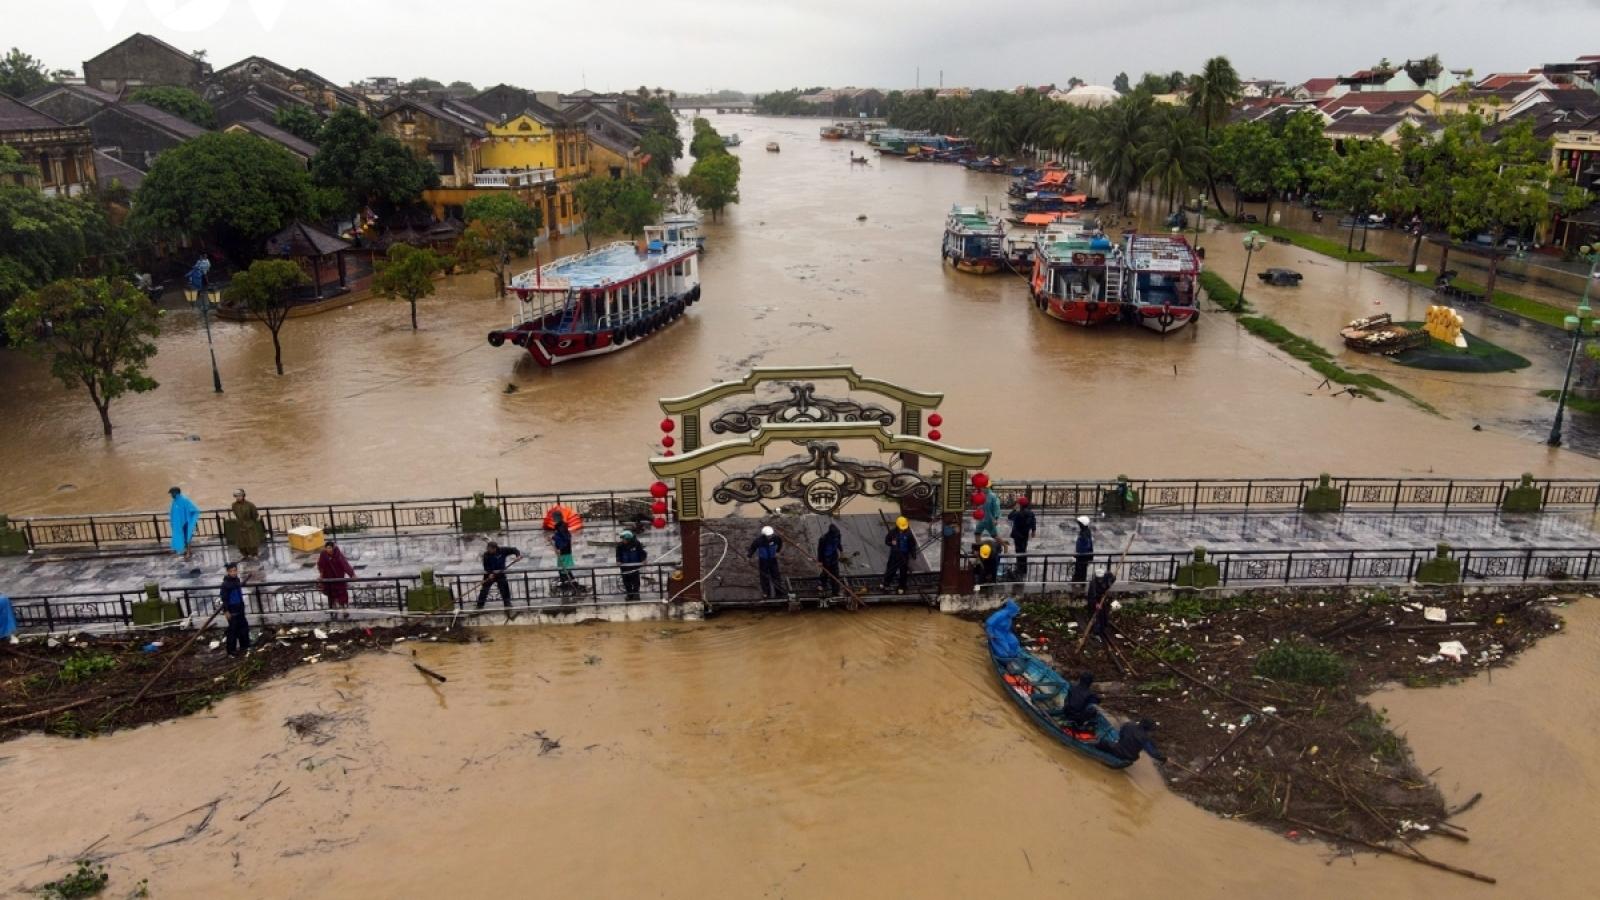 Cộng đồng Việt Nam ở nước ngoài quyên góp gần 30 tỷ đồng ủng hộ miền Trung